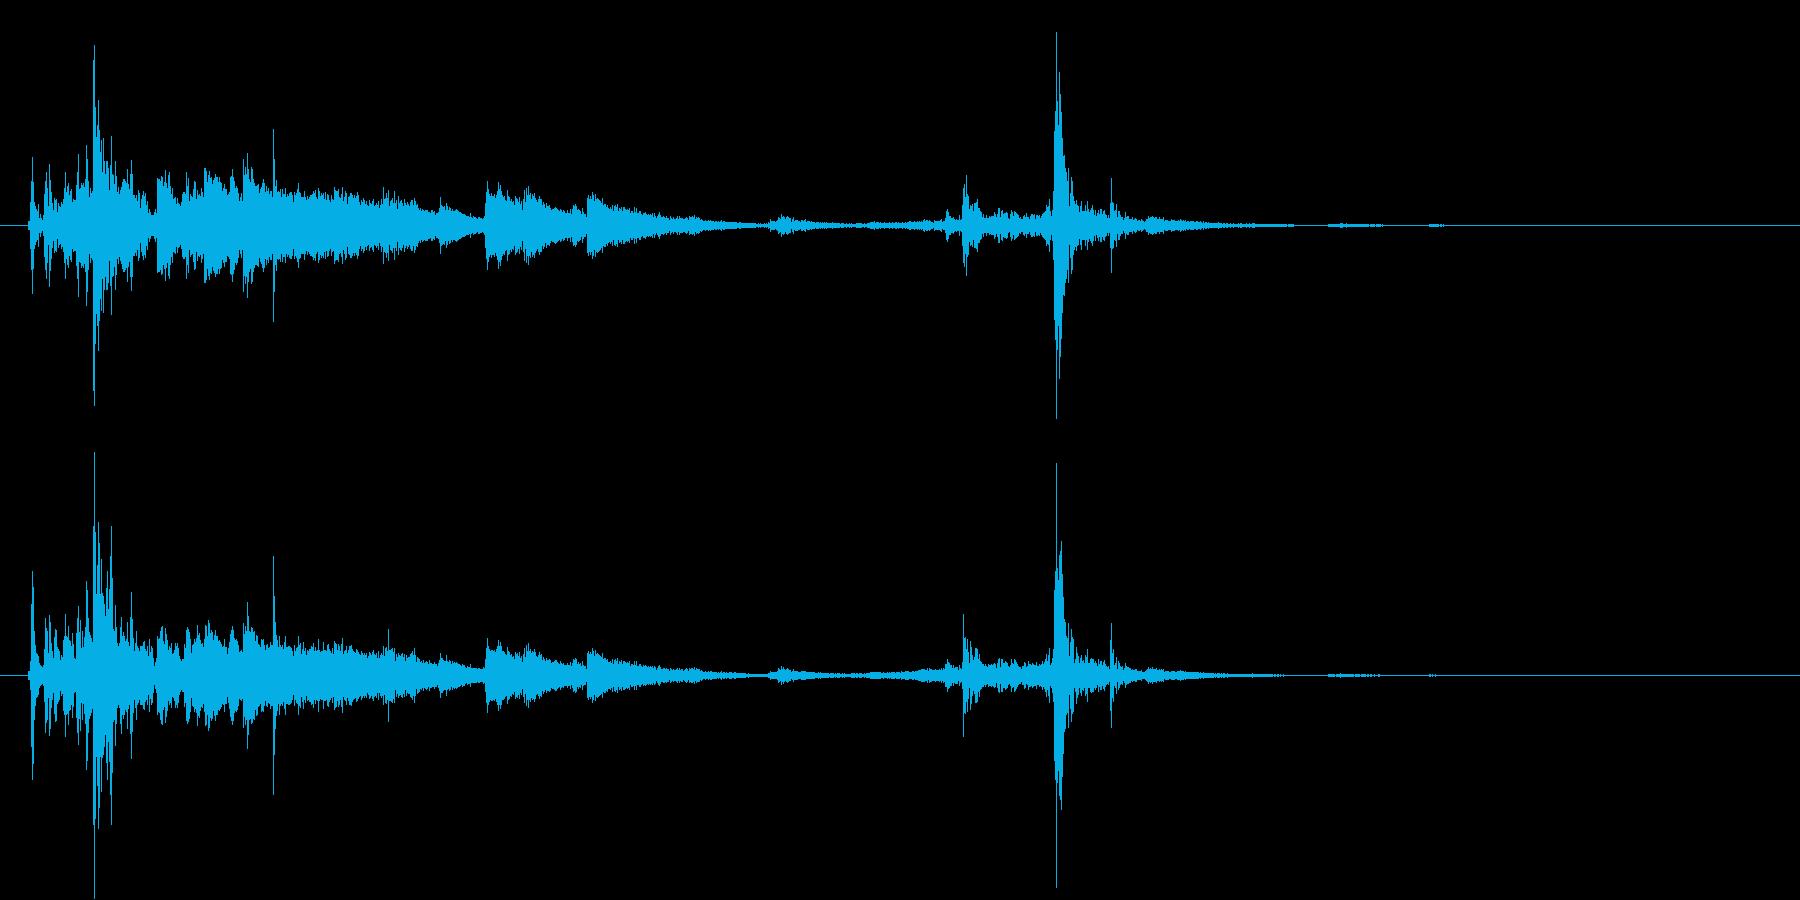 カフェなどに最適なドアベル付きクローズ音の再生済みの波形